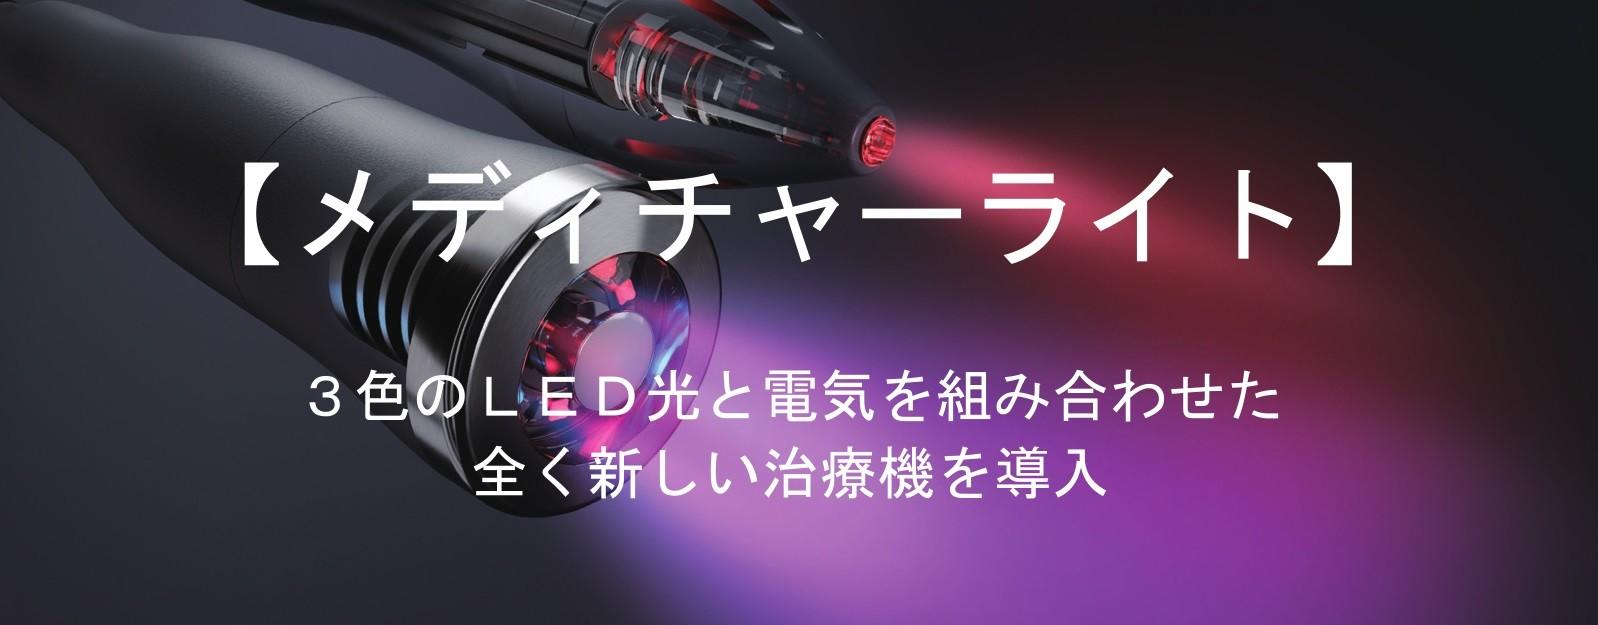 メディチャーライト照射が可能な横浜市青葉台にある接骨院です。